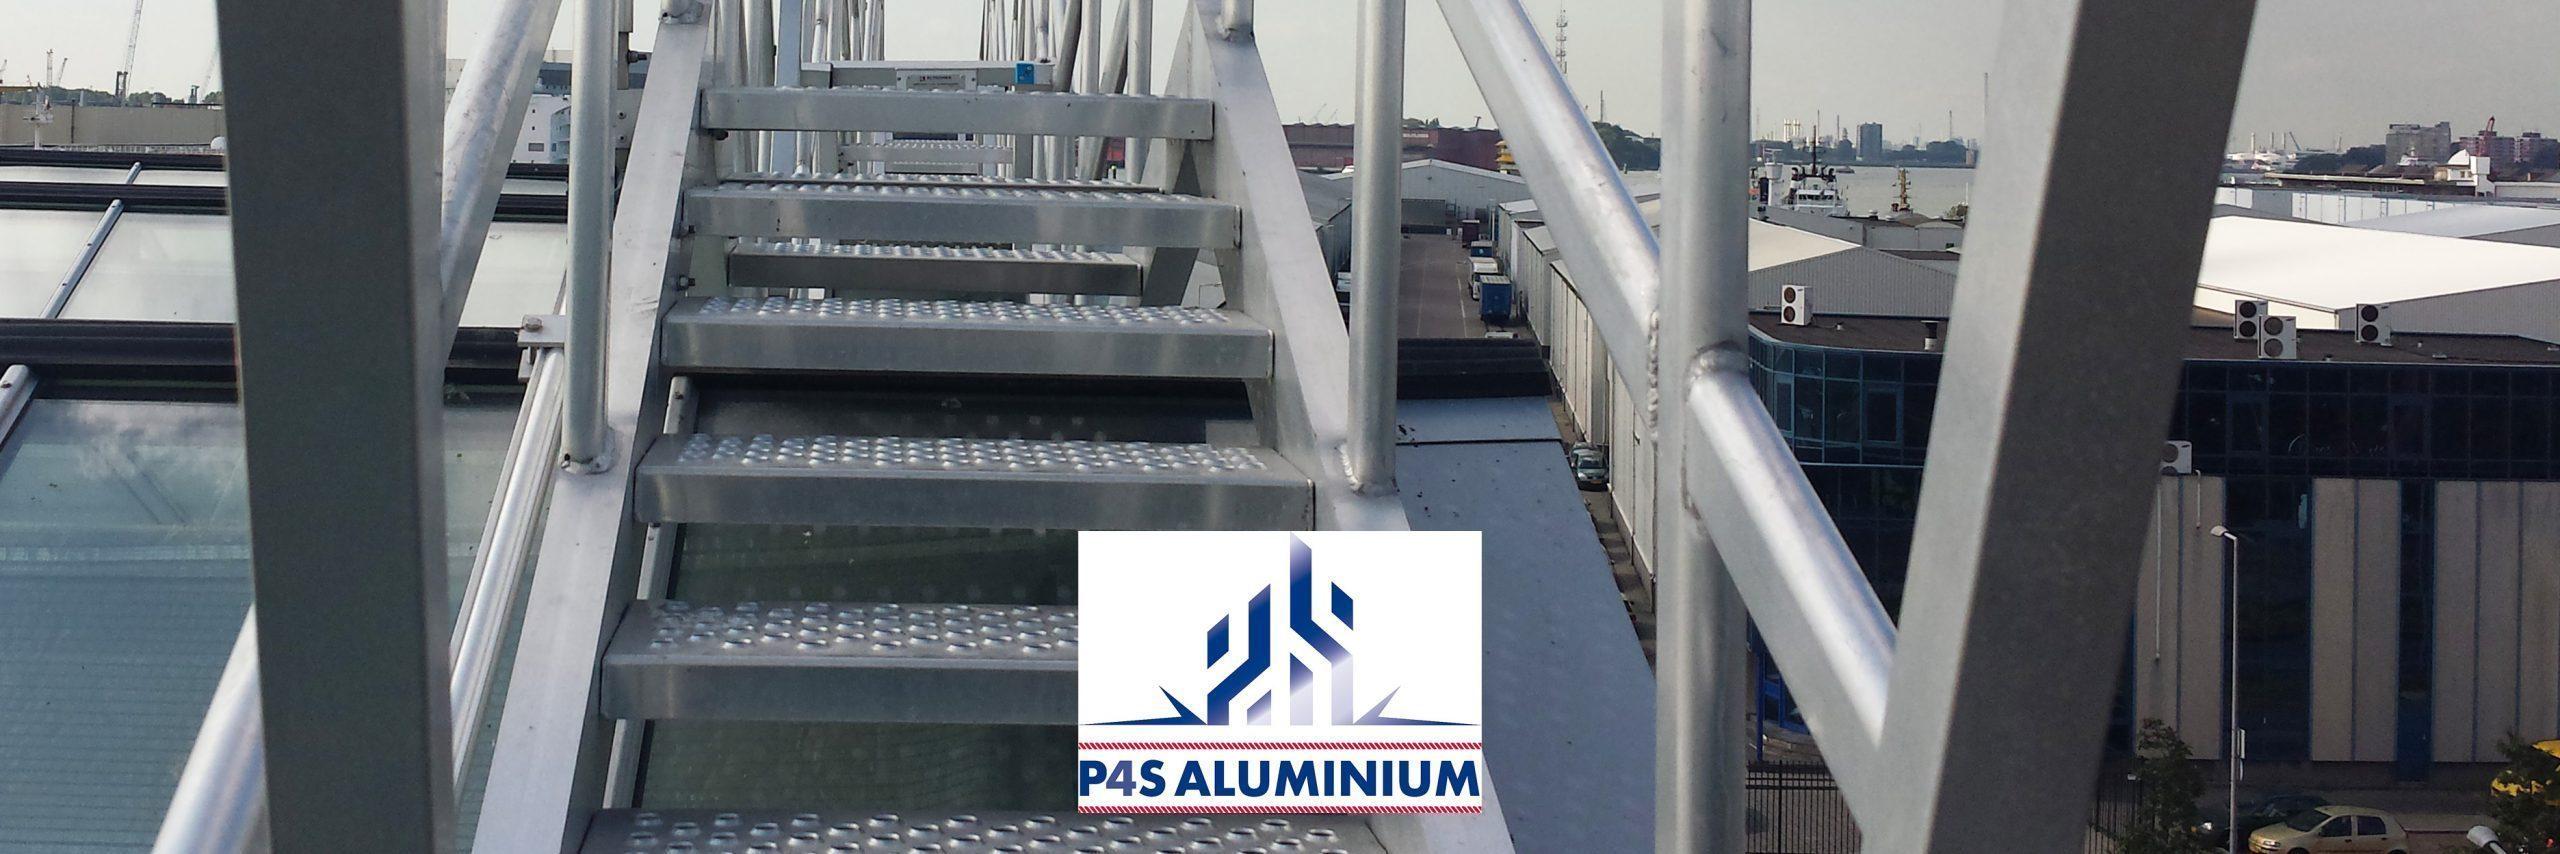 P4S Aluminium glazenwasinstallatie dak